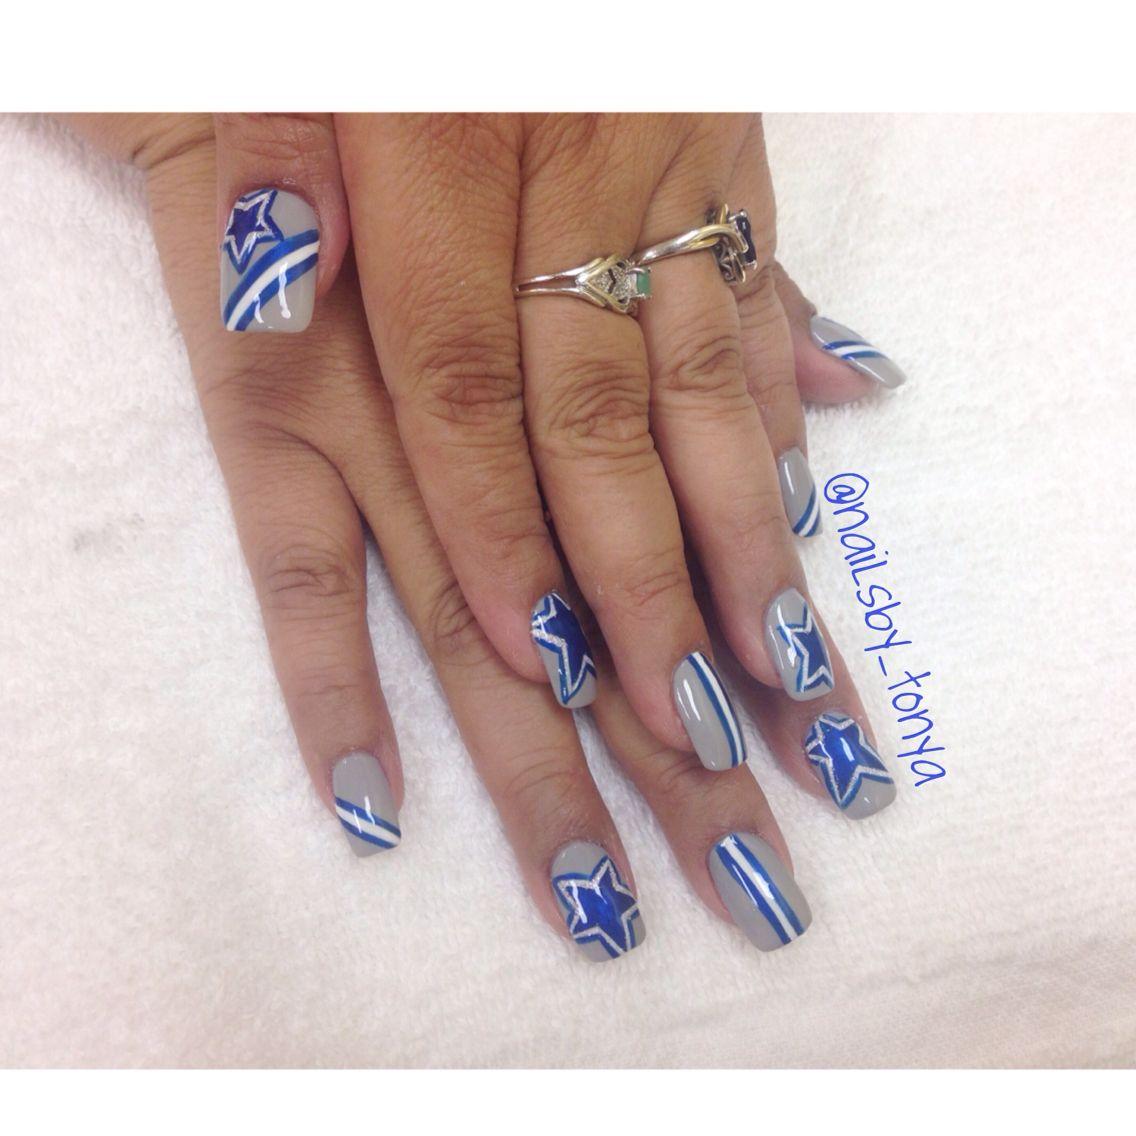 Dallas Cowboys Nail Designs! IG nailsby_tonya nail art for DALLAS ...